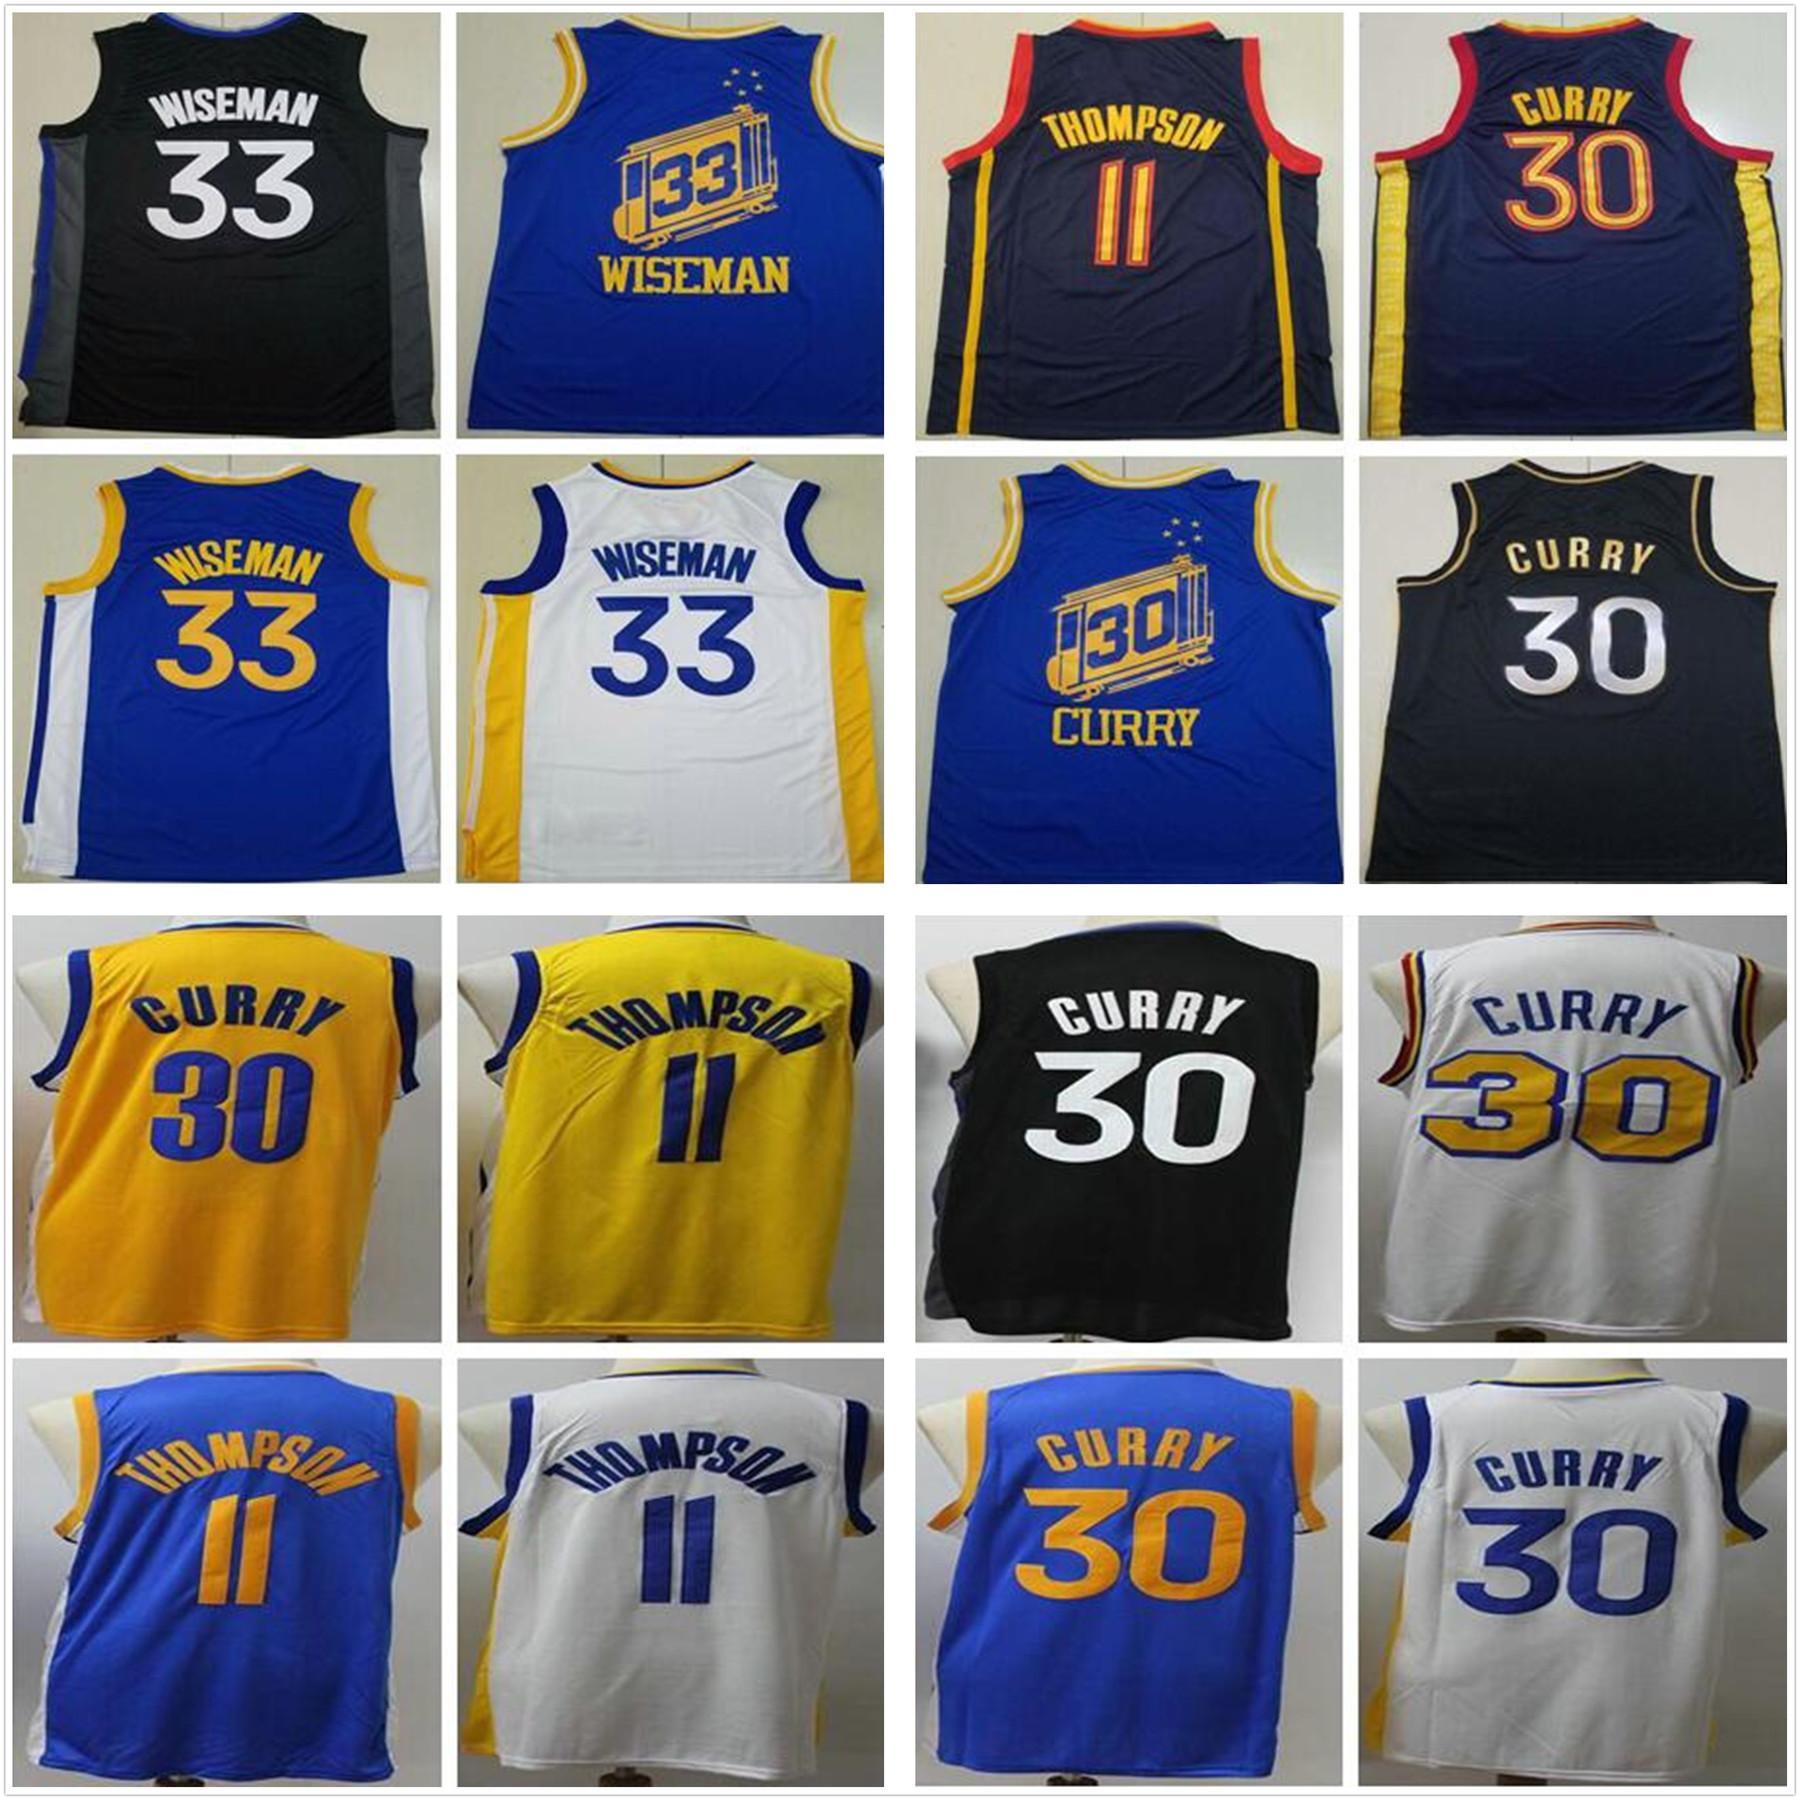 NCAA mens altın stephen 30 köri forması klay 11 thompson devlet savaşçıları mavi beyaz siyah sarı ucuz james 33 wiseman basketbol formaları